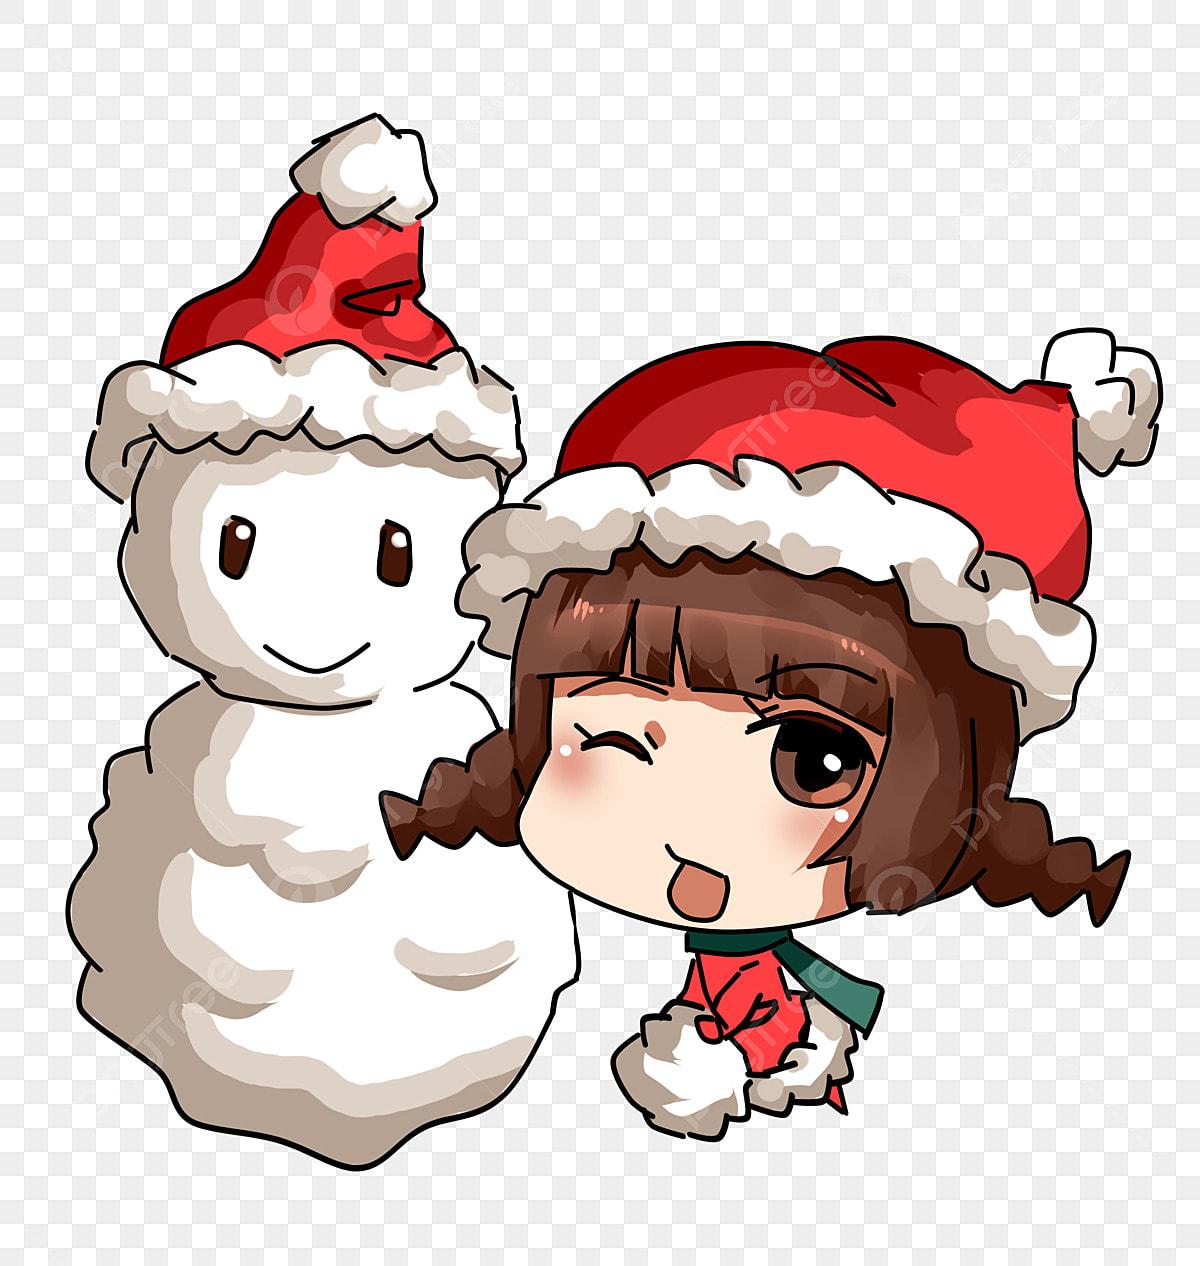 Feliz Navidad Cancion Original.Navidad Feliz Navidad Muneco De Nieve De Navidad Nina